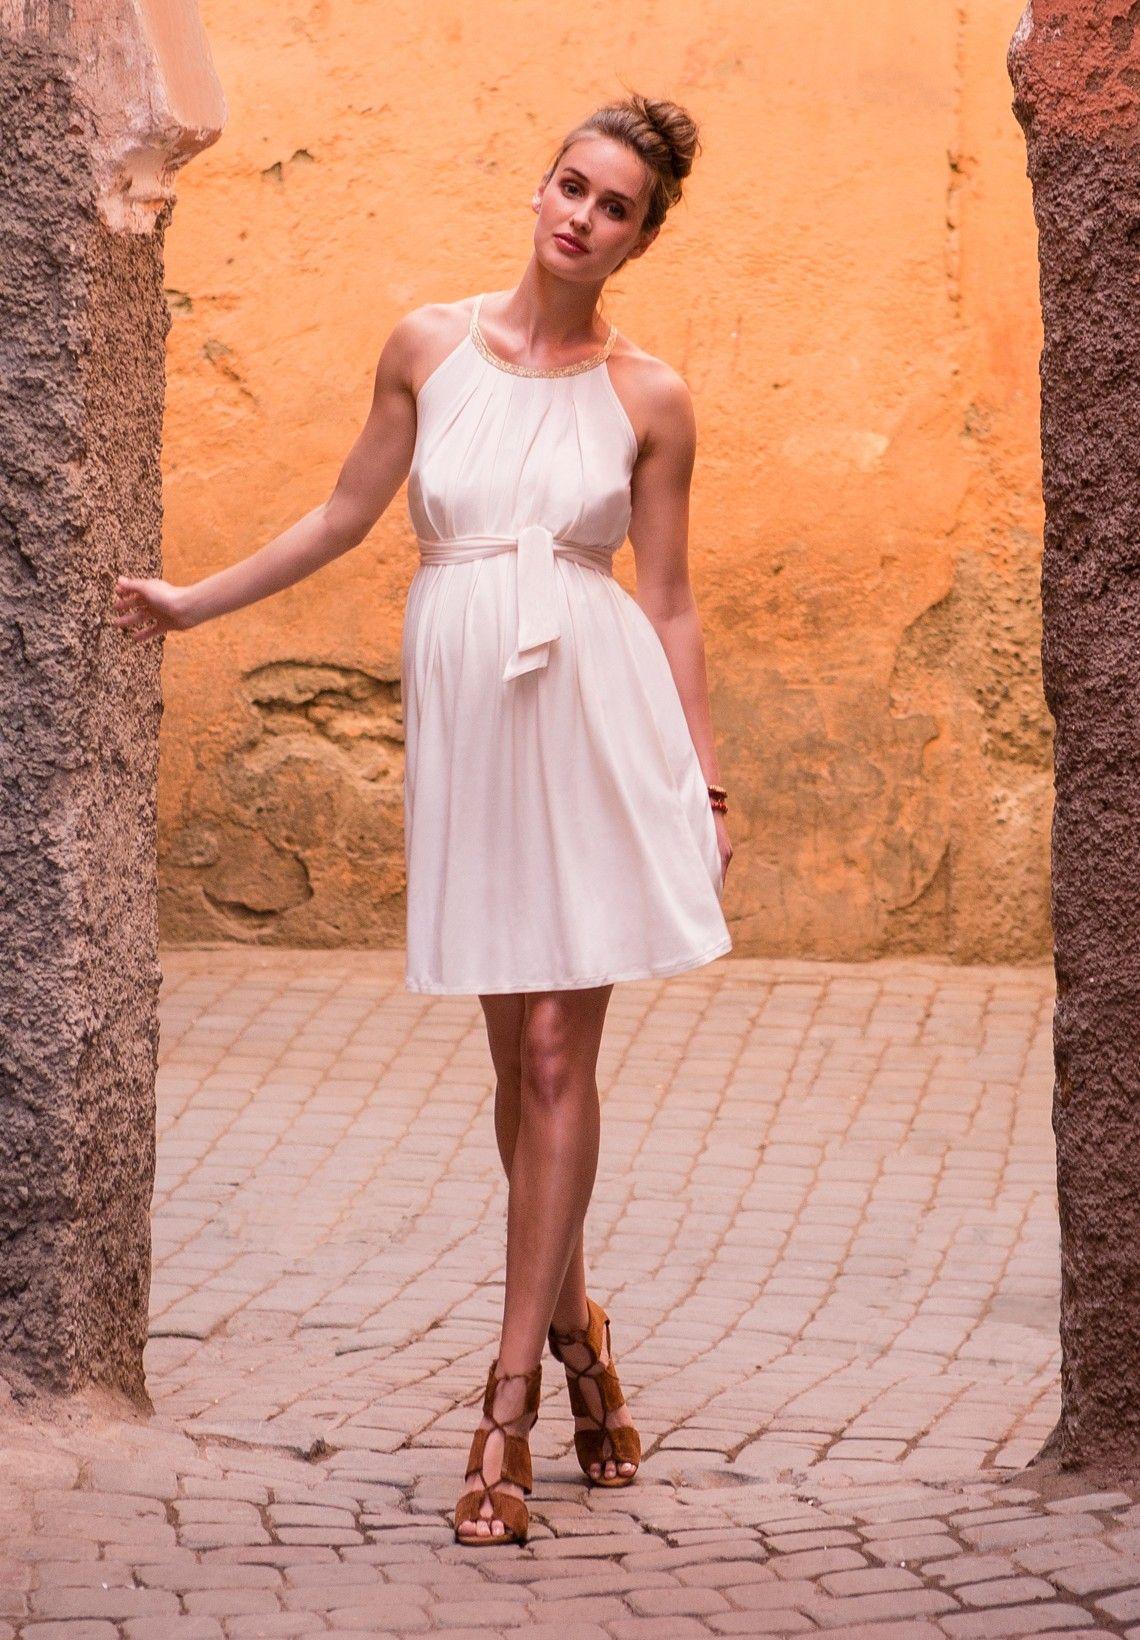 bafe3b8f384 ENVIE DE FRAISES - VICTORY MATERNITY DRESS  lookbook  springsummer